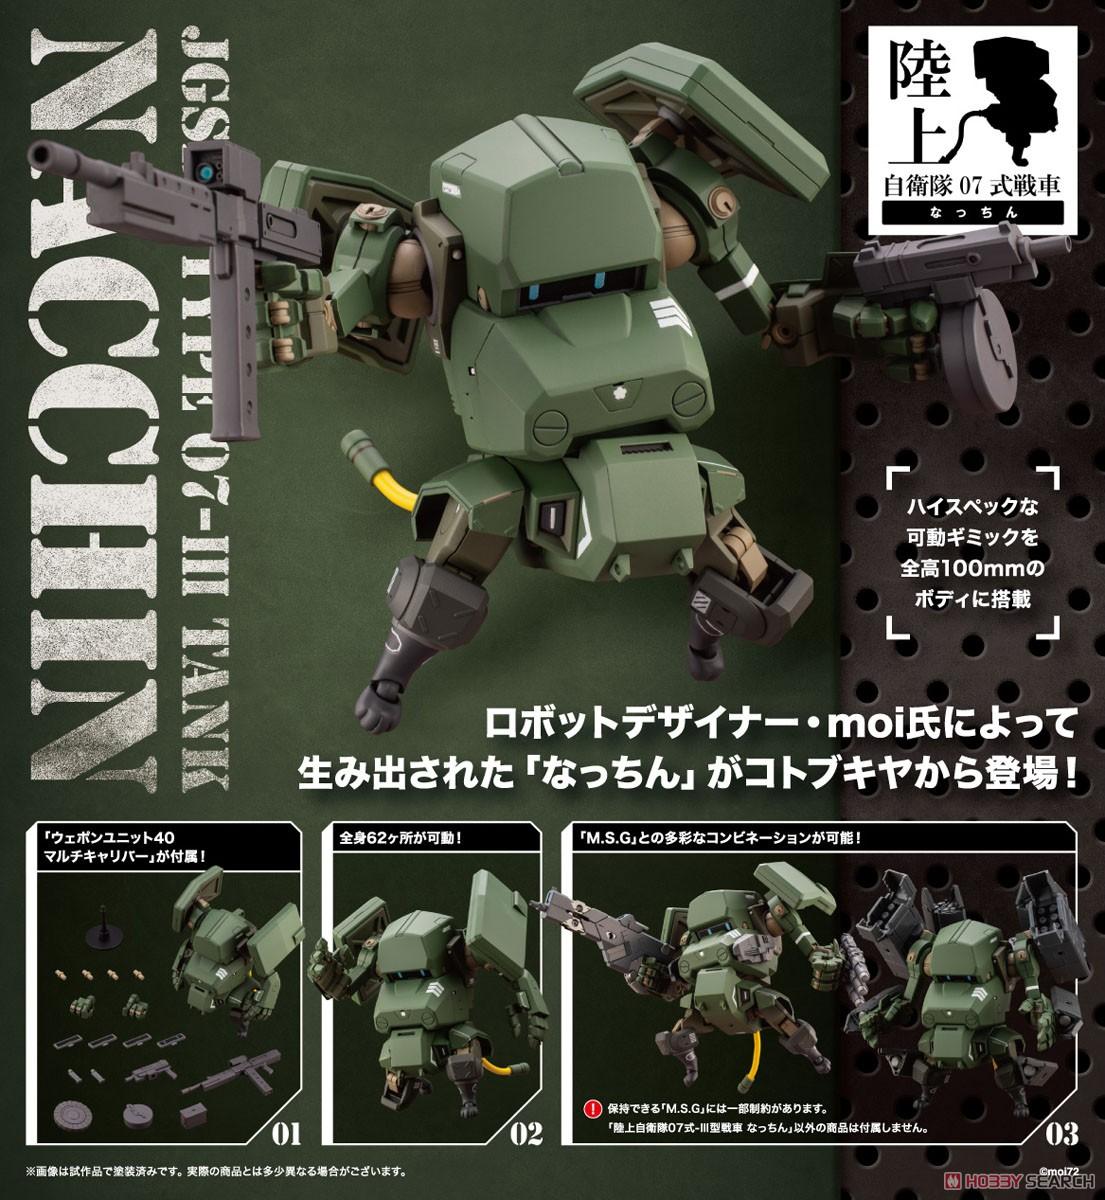 『陸上自衛隊07式-III型戦車 なっちん』1/35 プラモデル-013